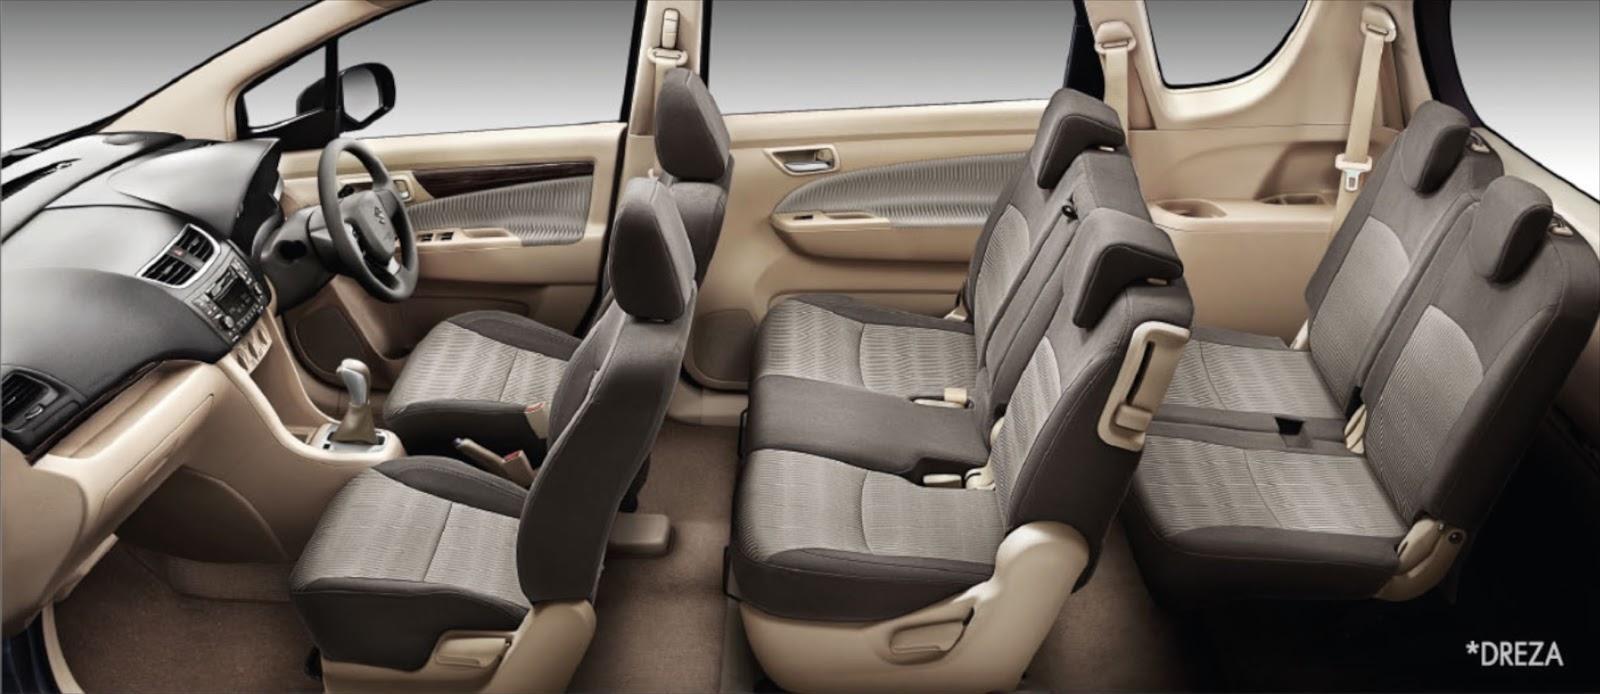 Maruti Suzuki Ertiga Seats View Pics HD